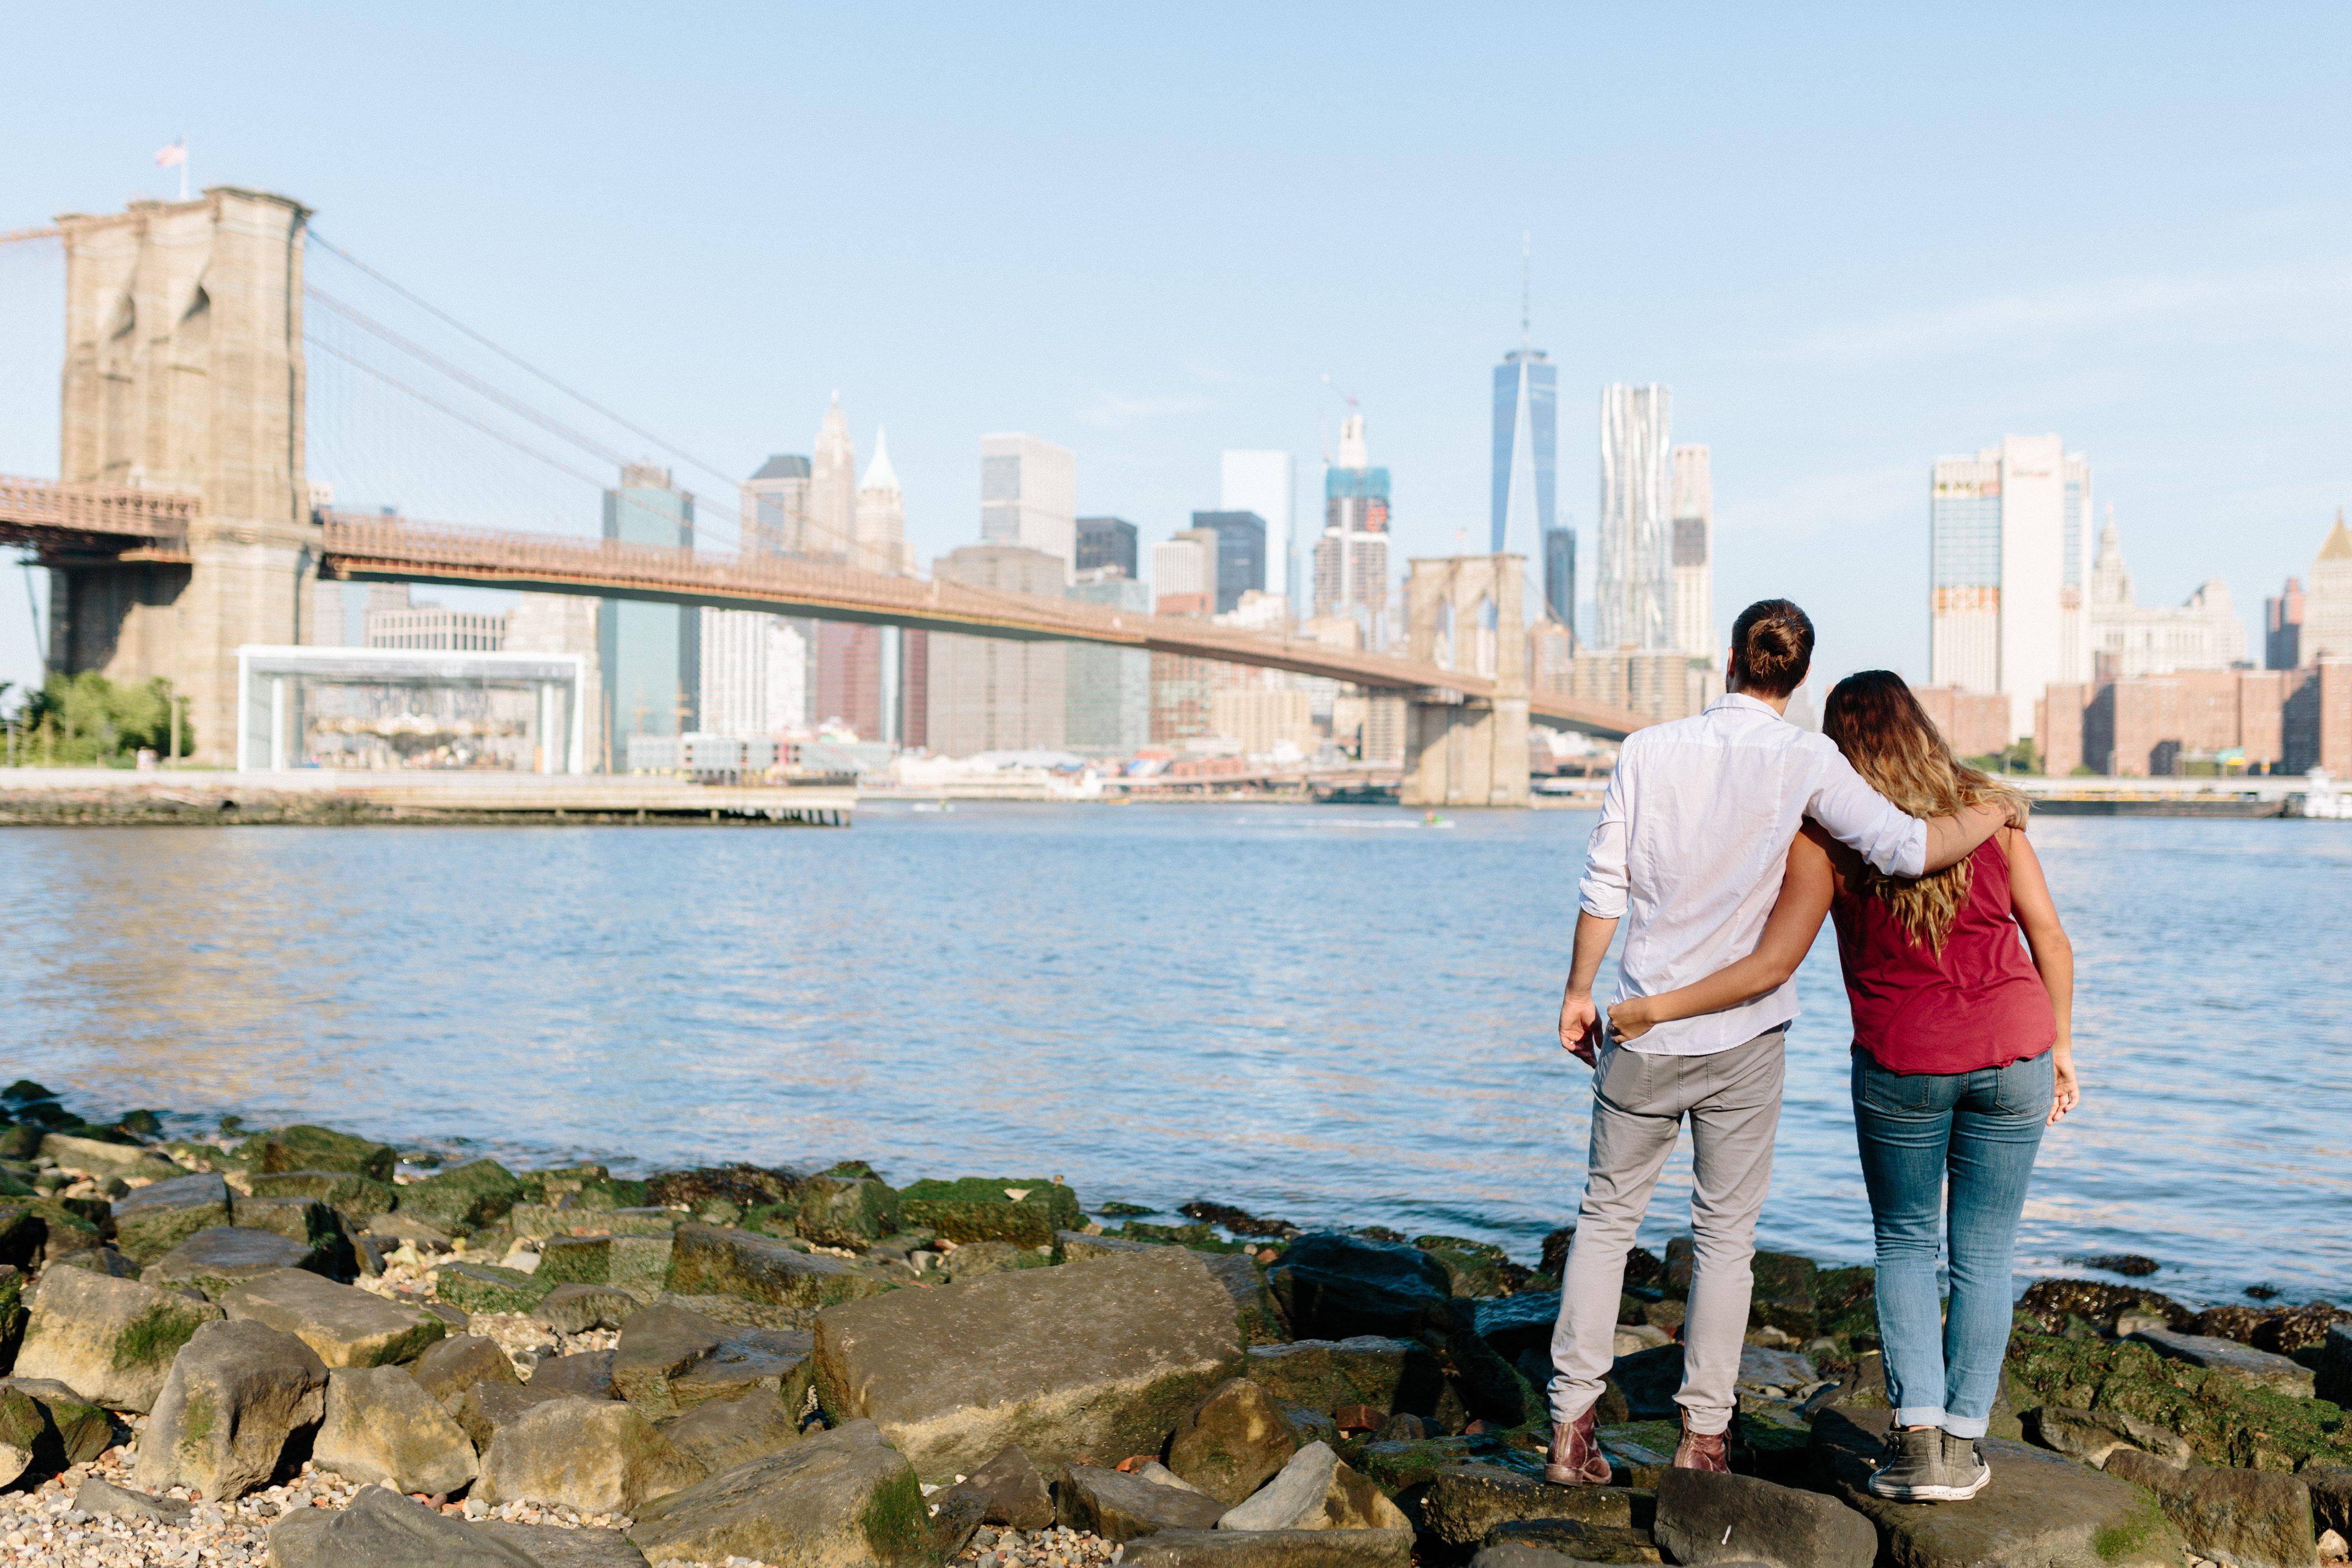 Online Dating In Big Cities?